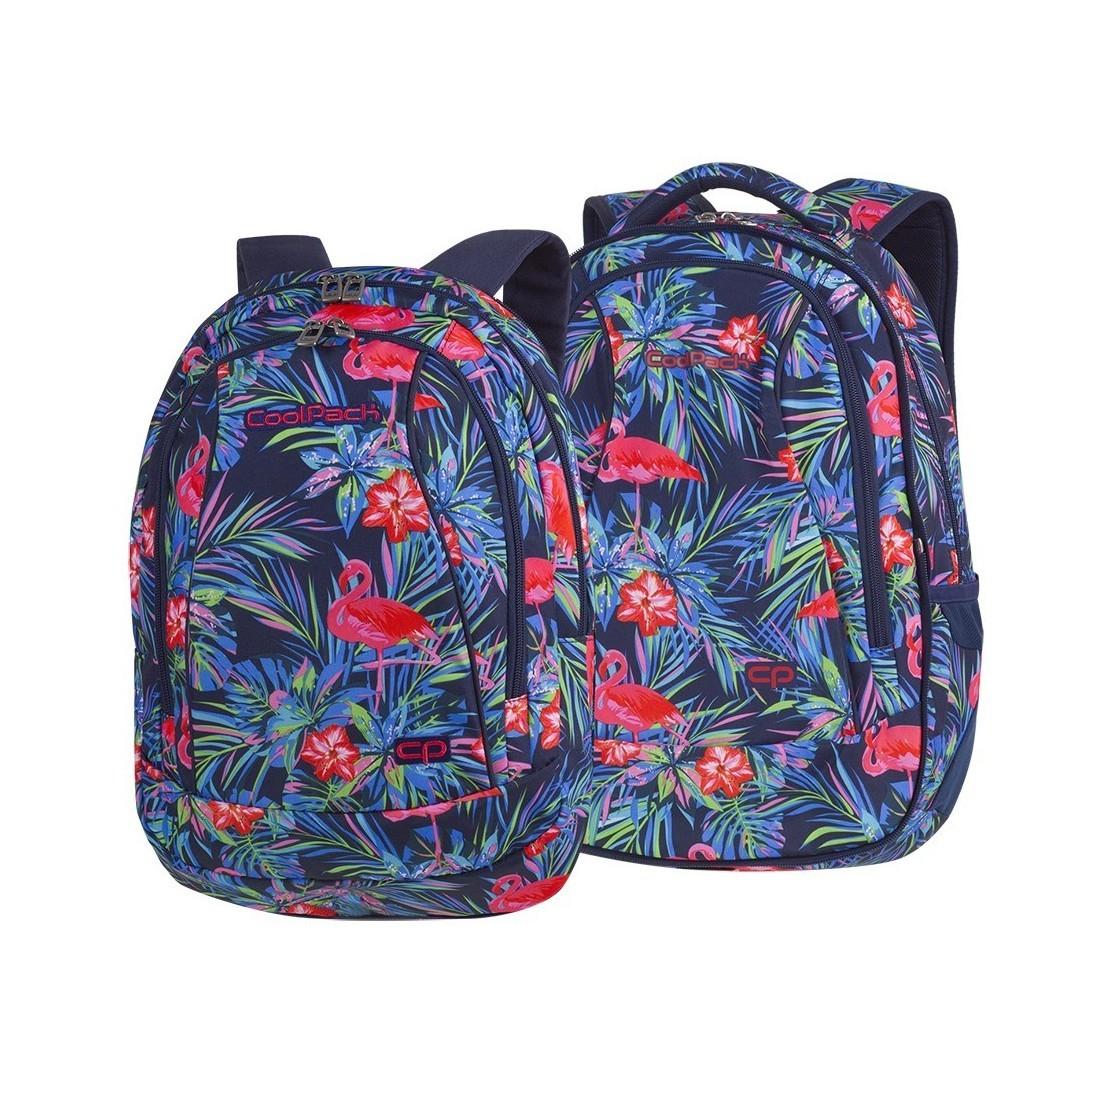 a29783f2a3a84 Plecak szkolny CoolPack CP Combo Pink Flamingo - 2w1 dla dziewczyn ...